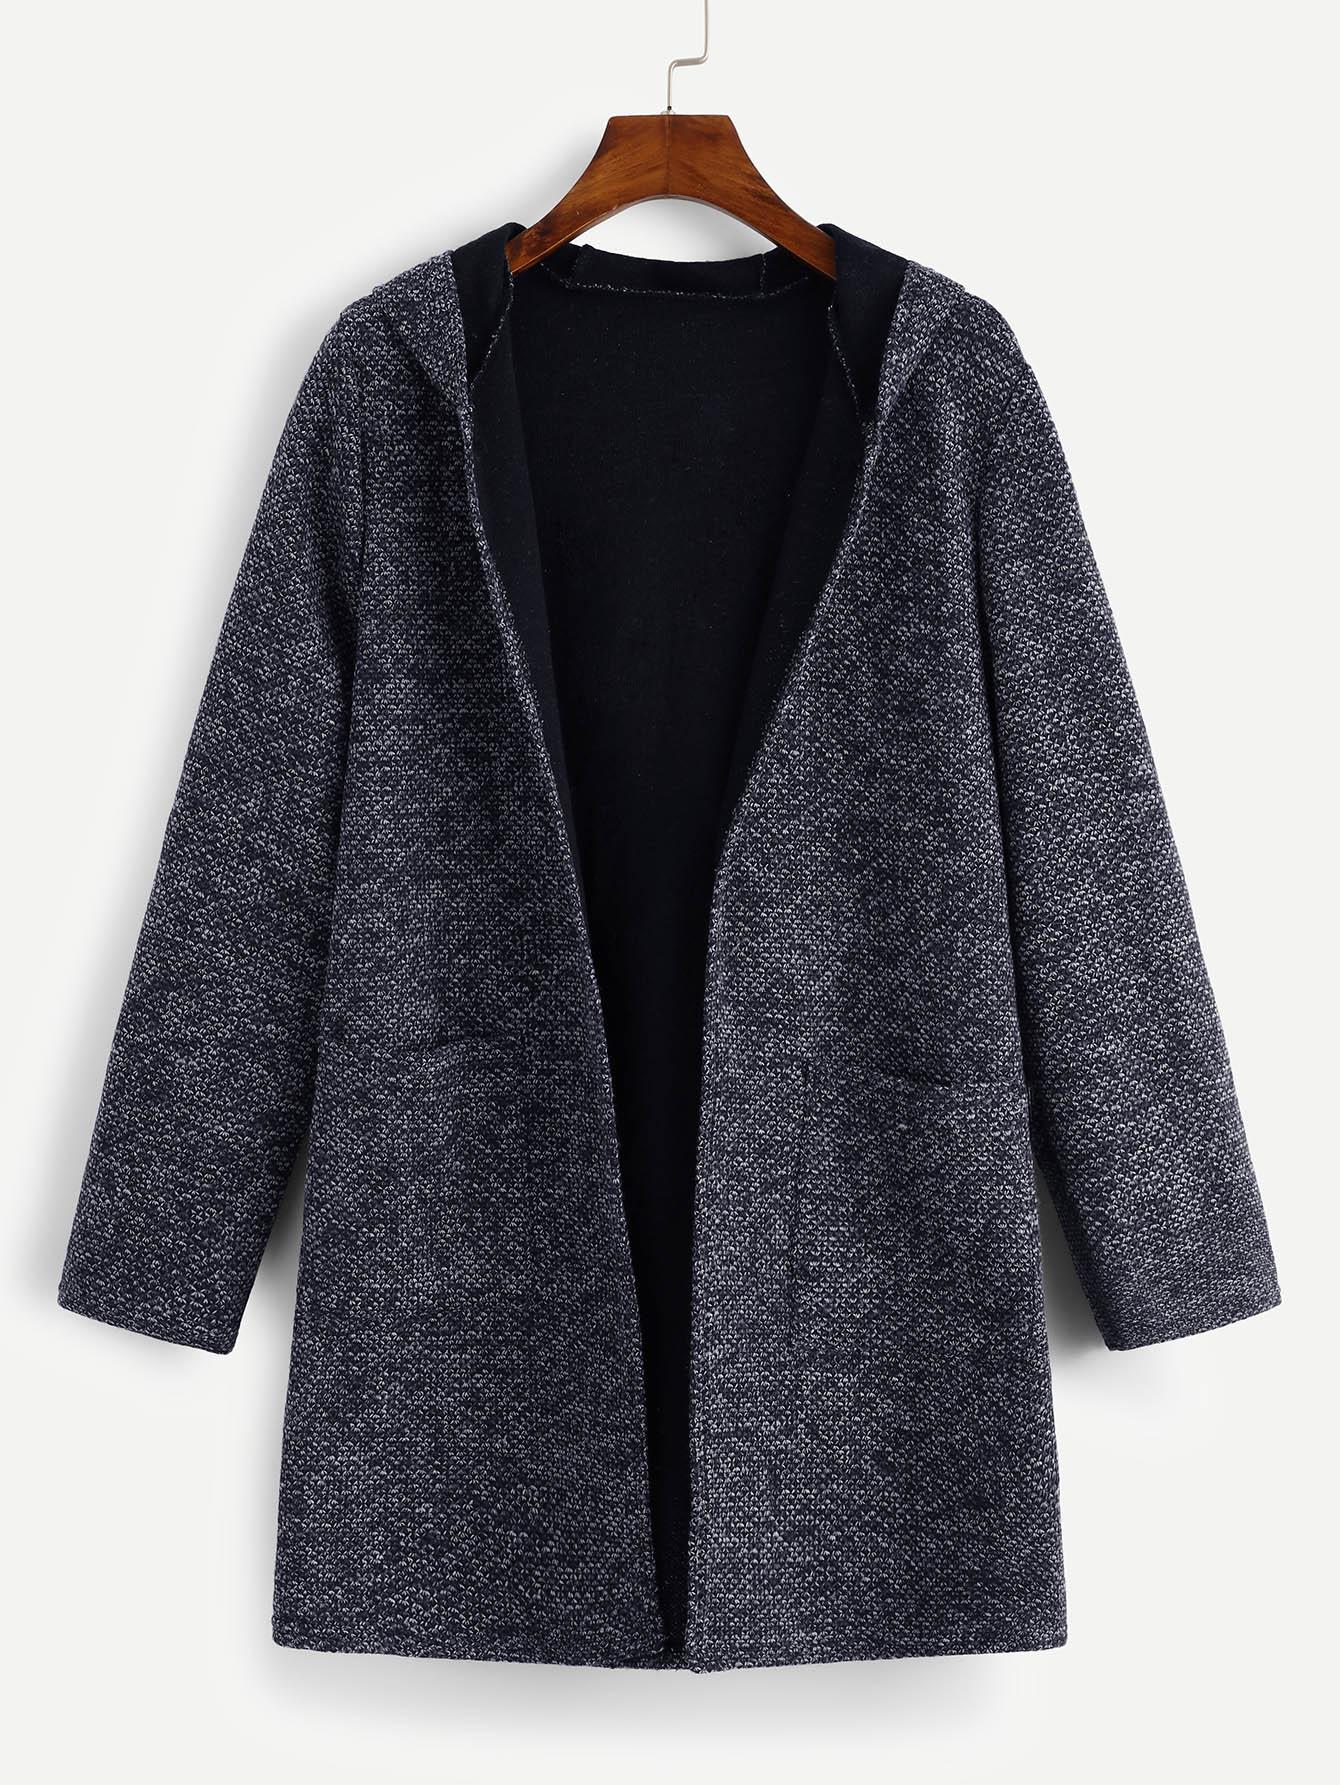 Фото - Пальто с капюшоном и карманами из твида от SheIn черного цвета